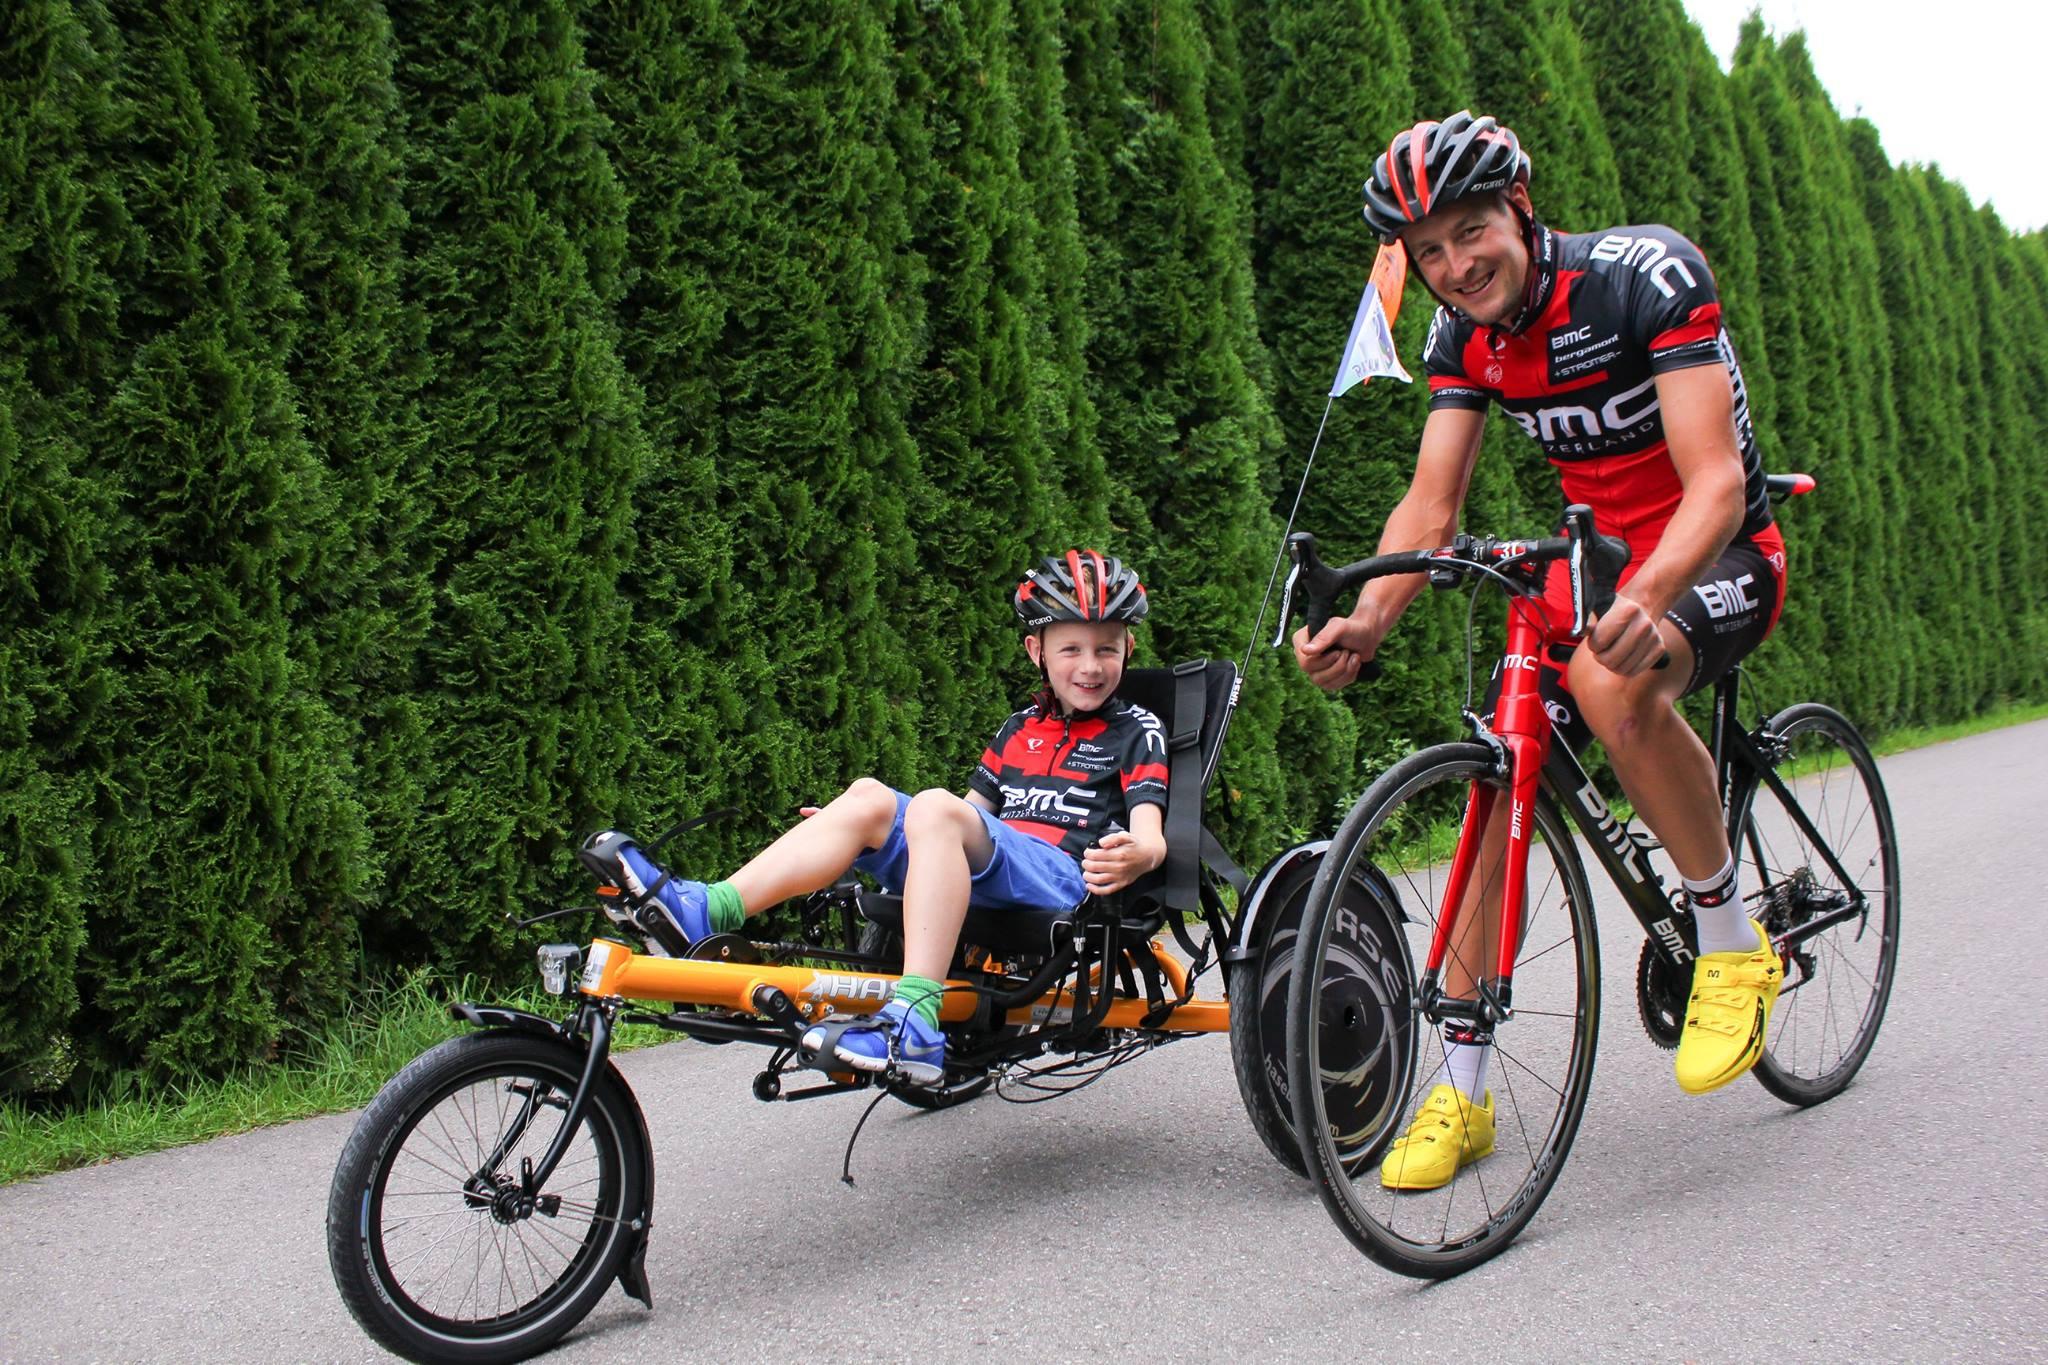 Far og sønn som sykler sammen